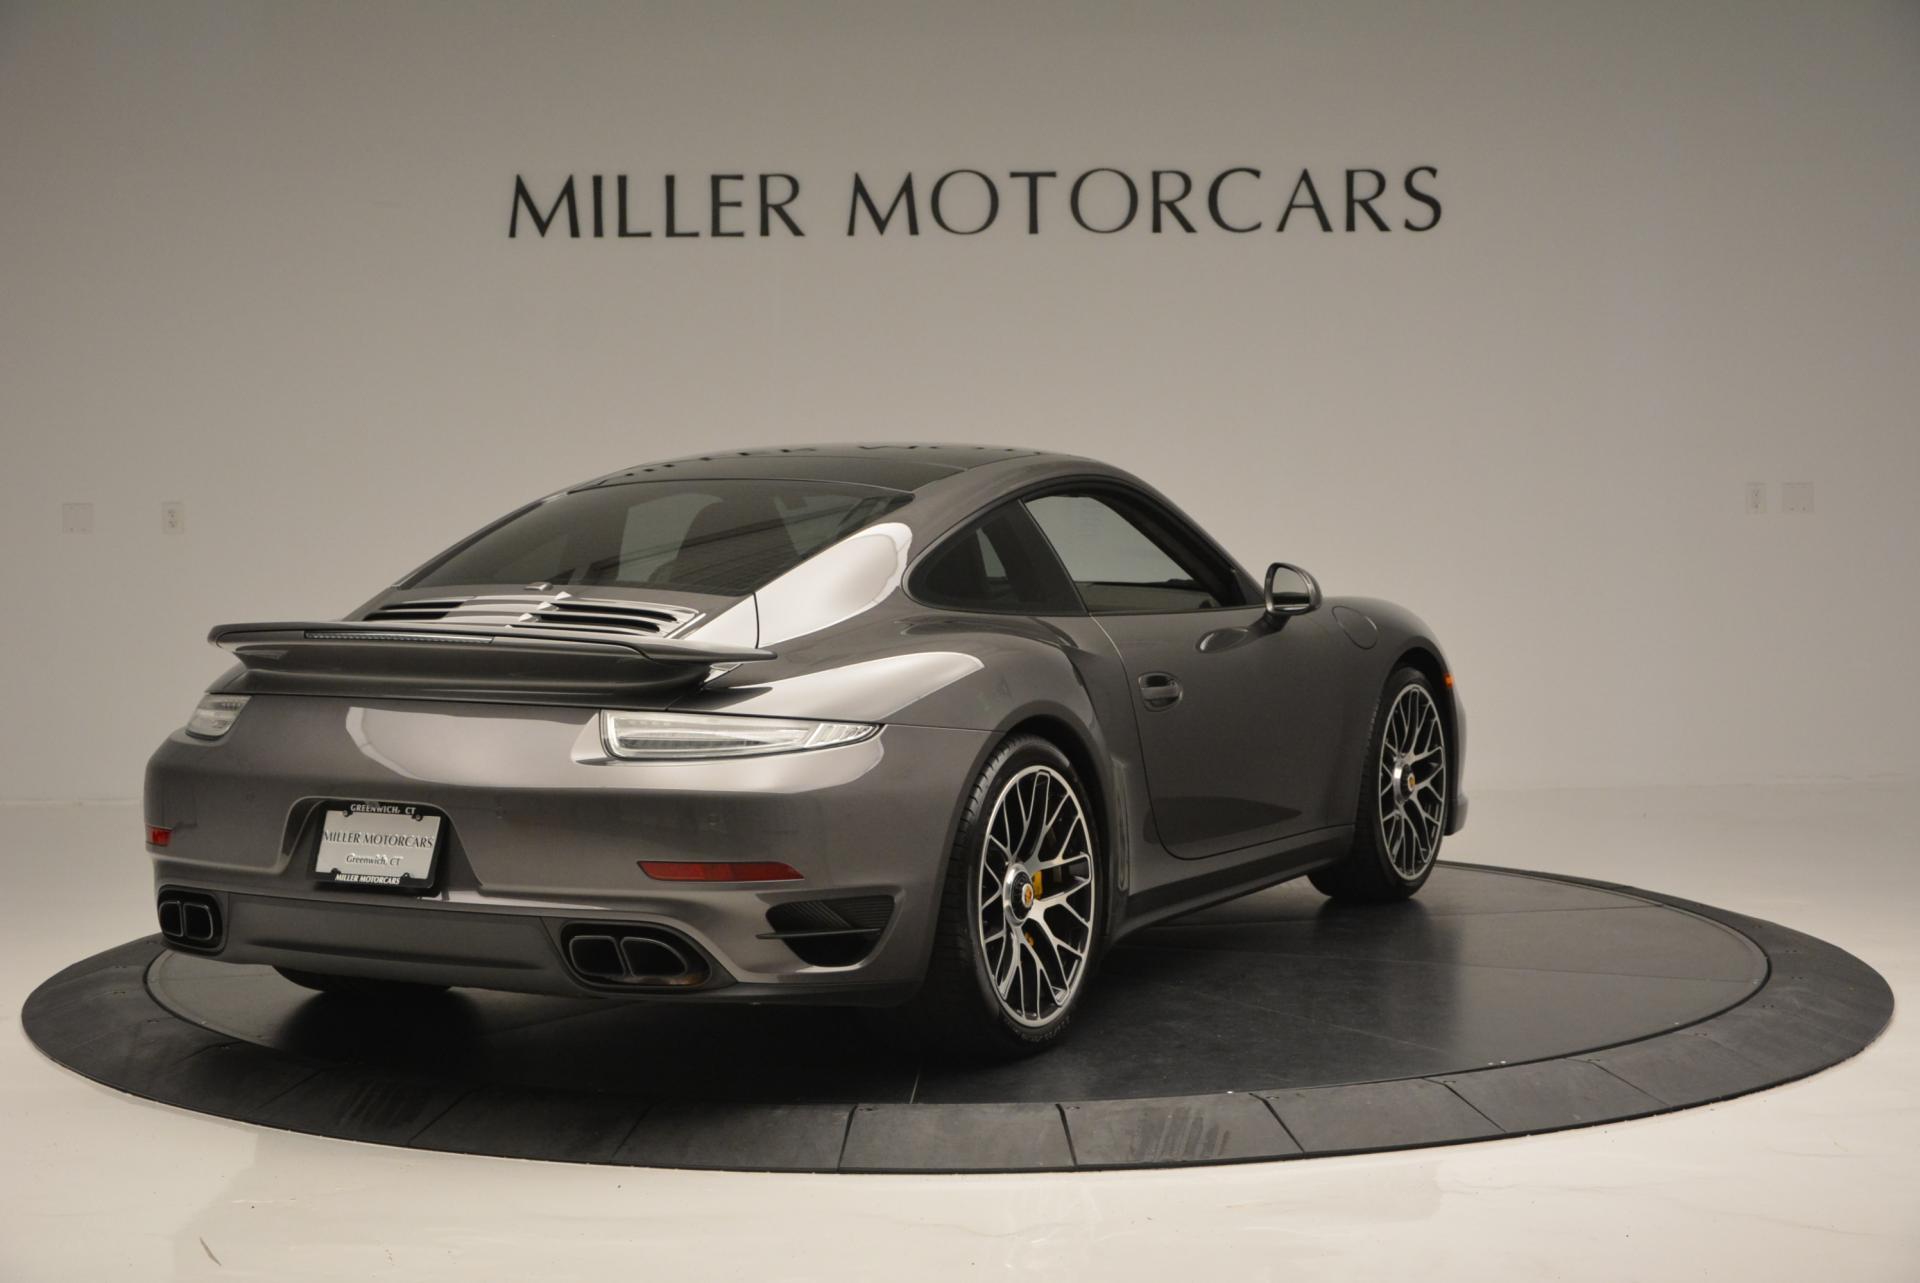 Used 2014 Porsche 911 Turbo S For Sale In Westport, CT 113_p6